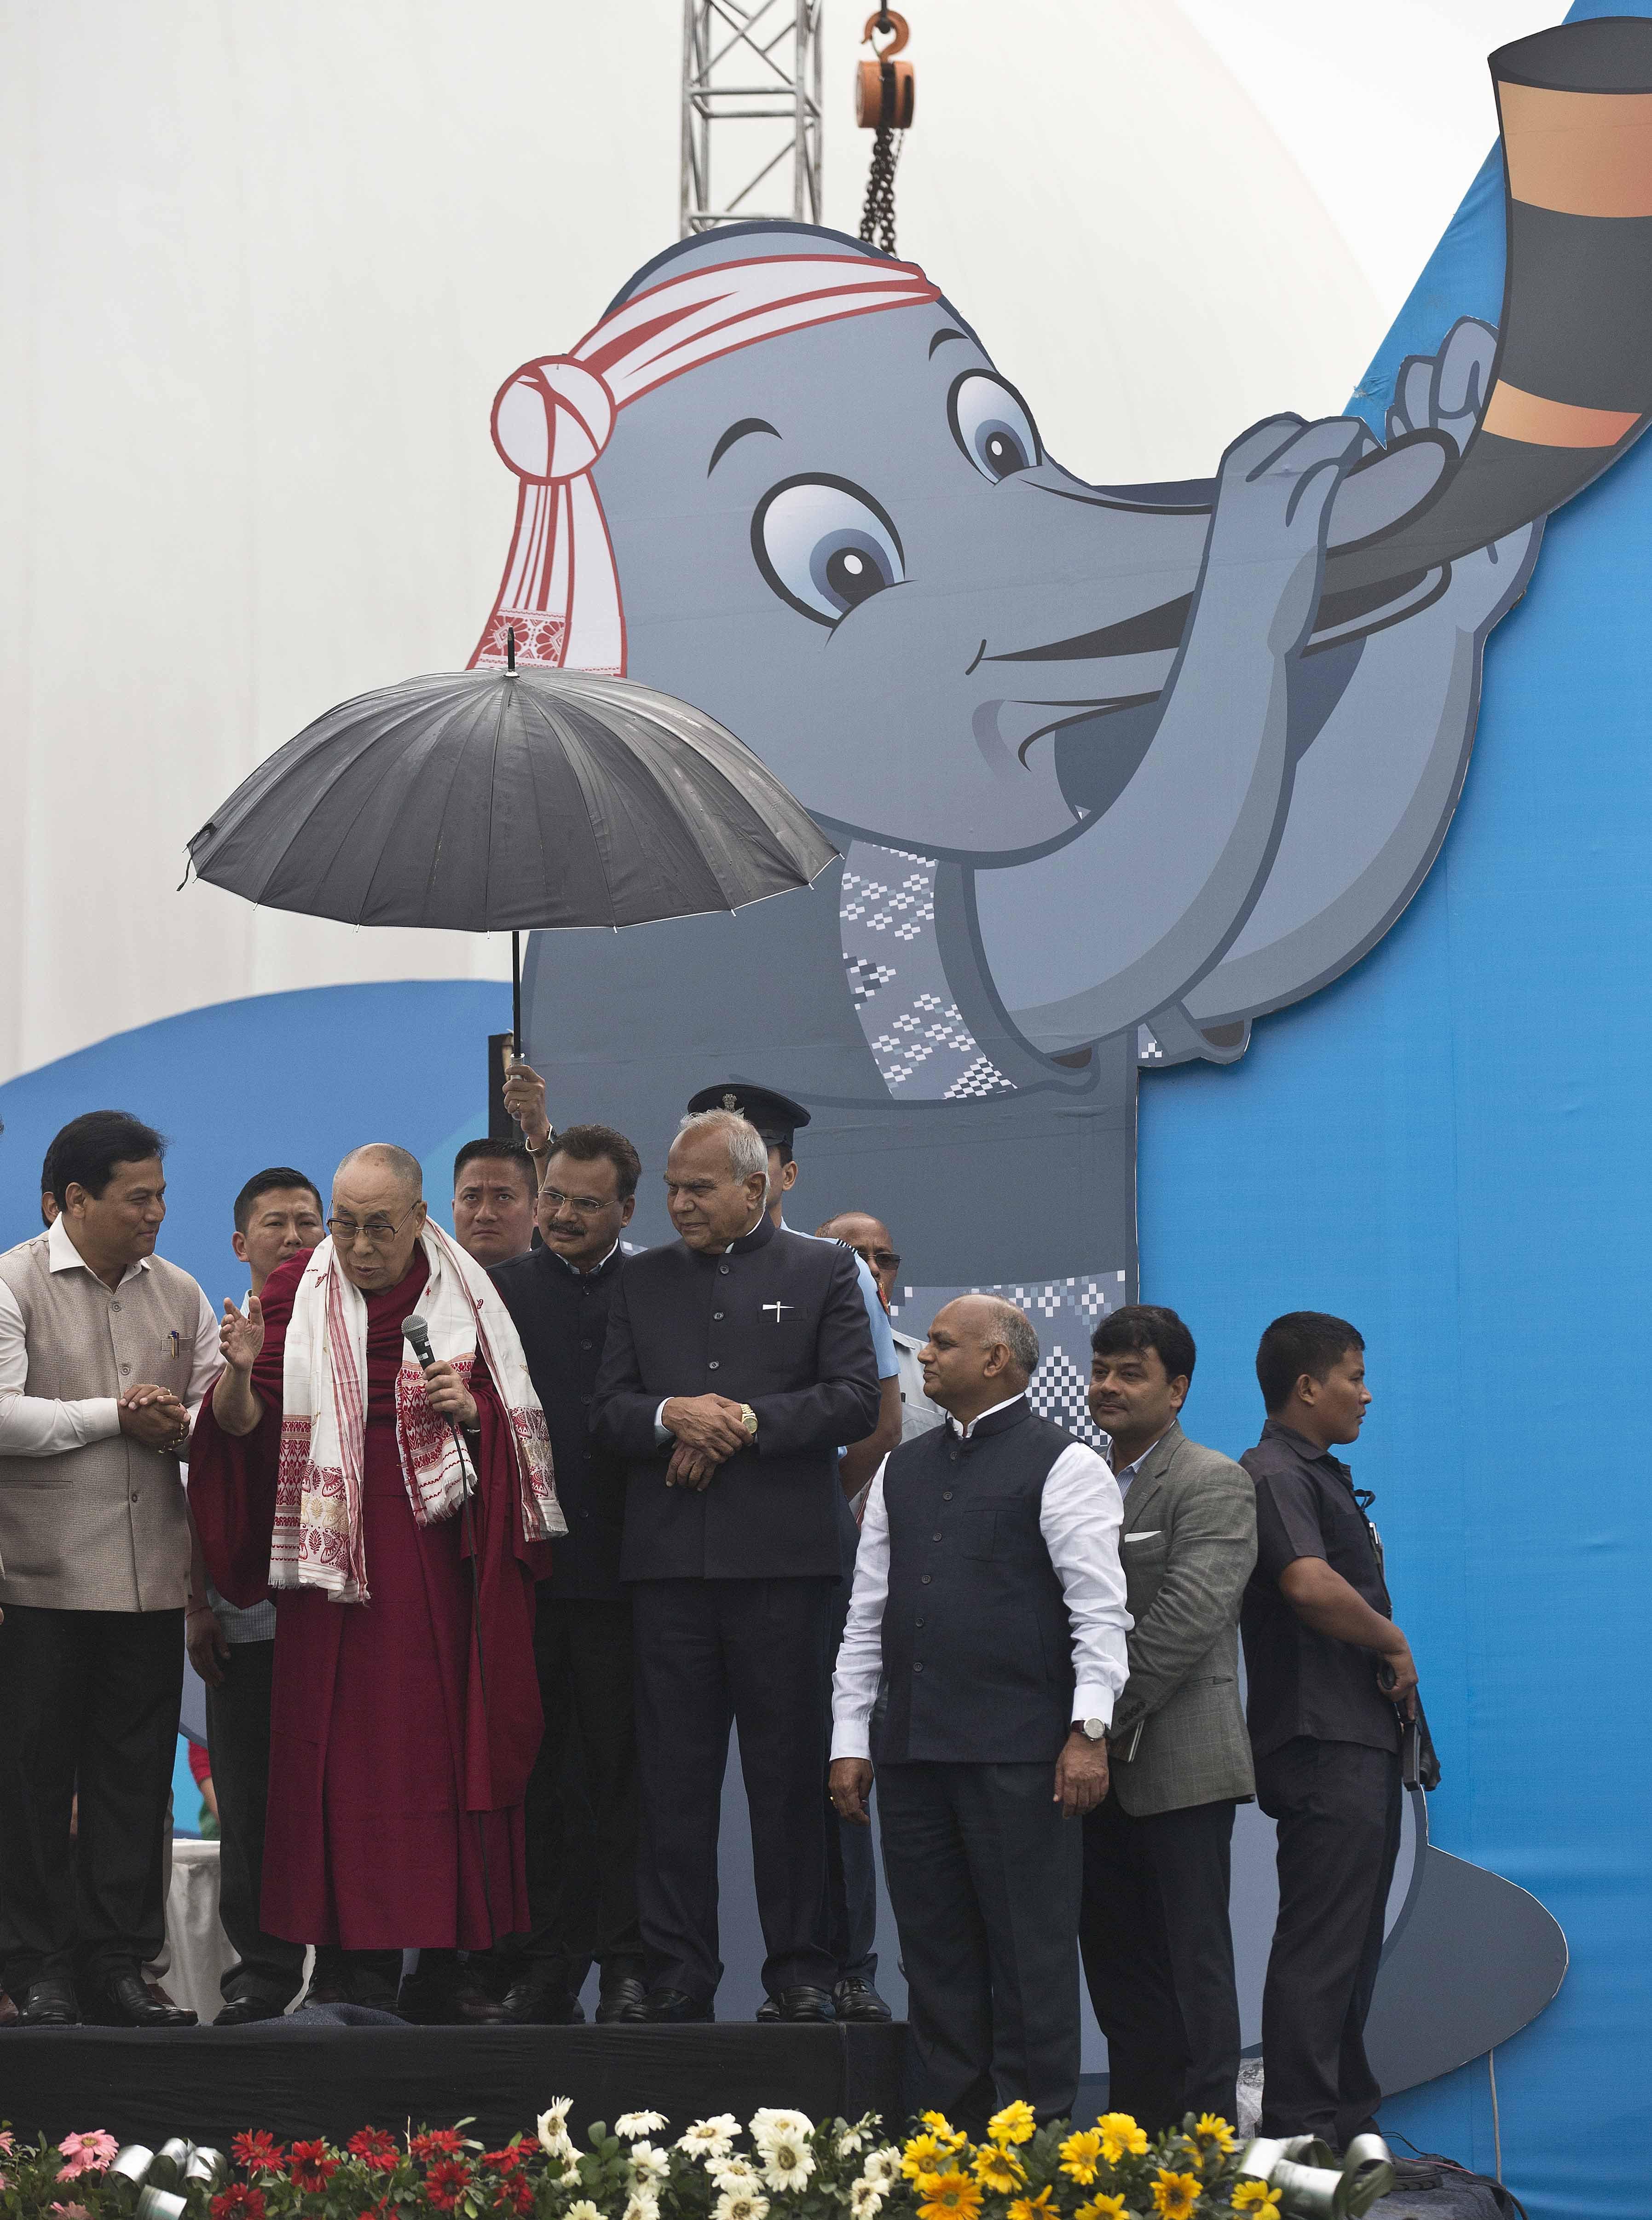 Photo: (AP Photo/ Anupam Nath)